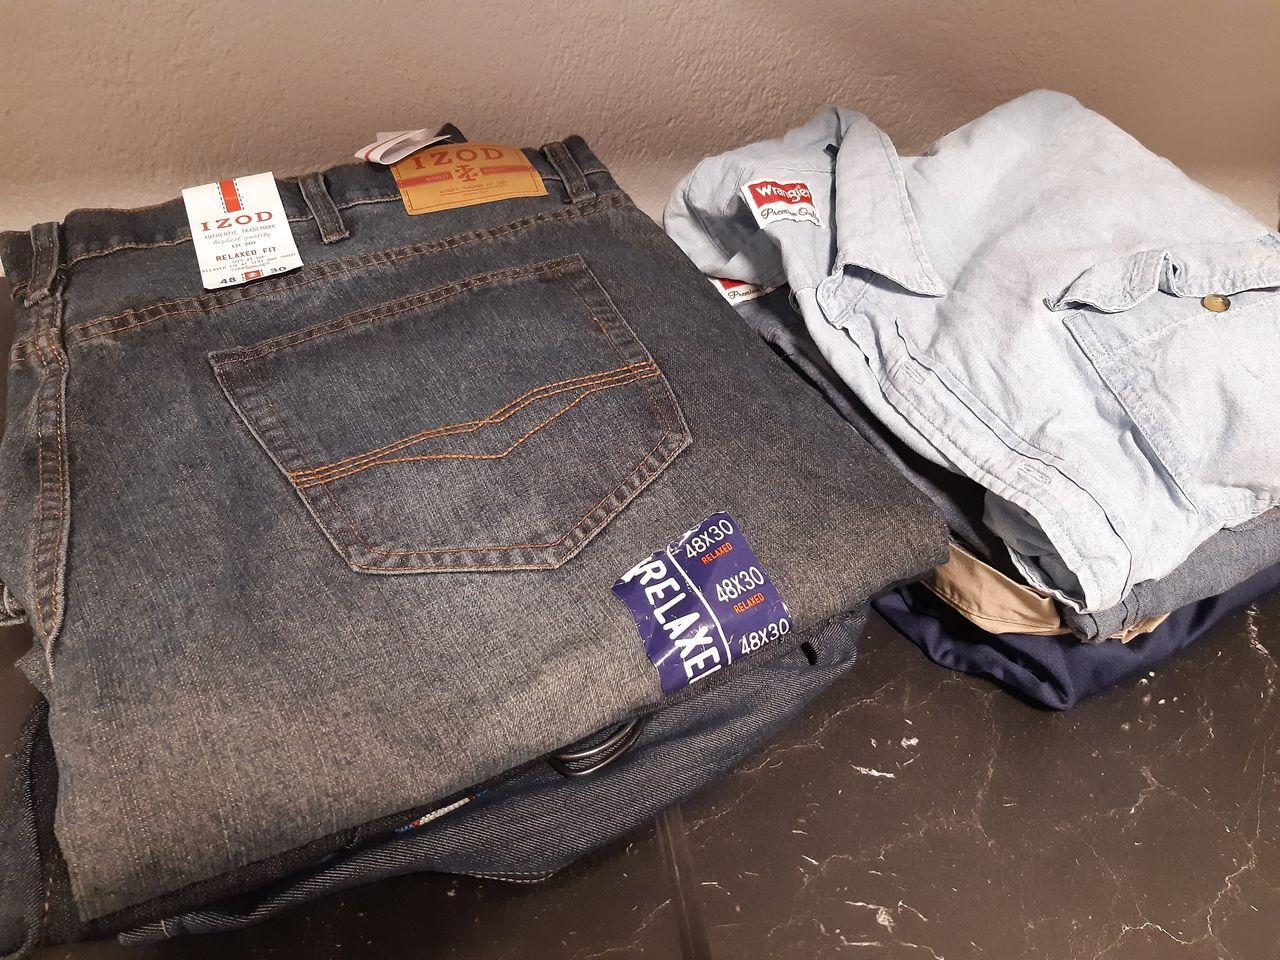 Izod Loose Fit Jeans For Men | Jeans men